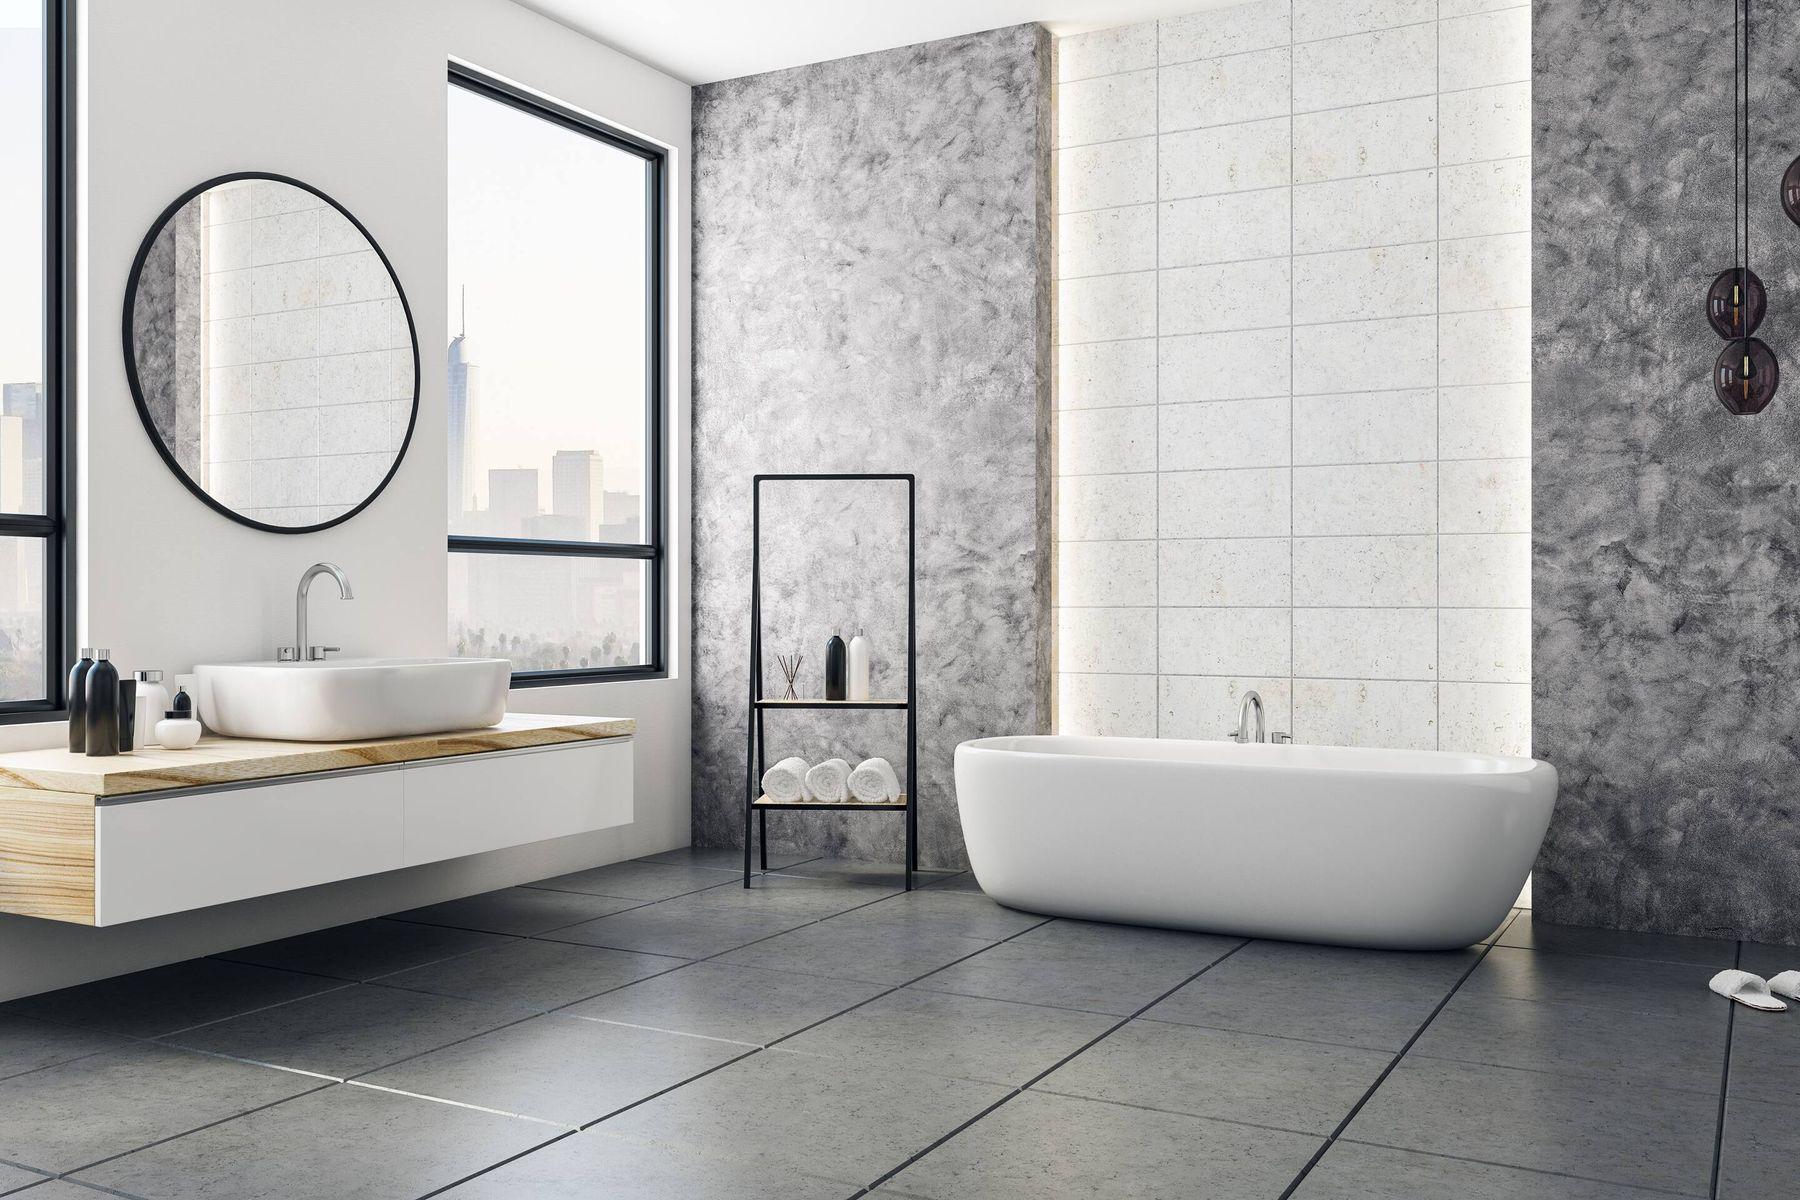 Mở cửa để tăng lưu thông không khí trong nhà tắm, toilet